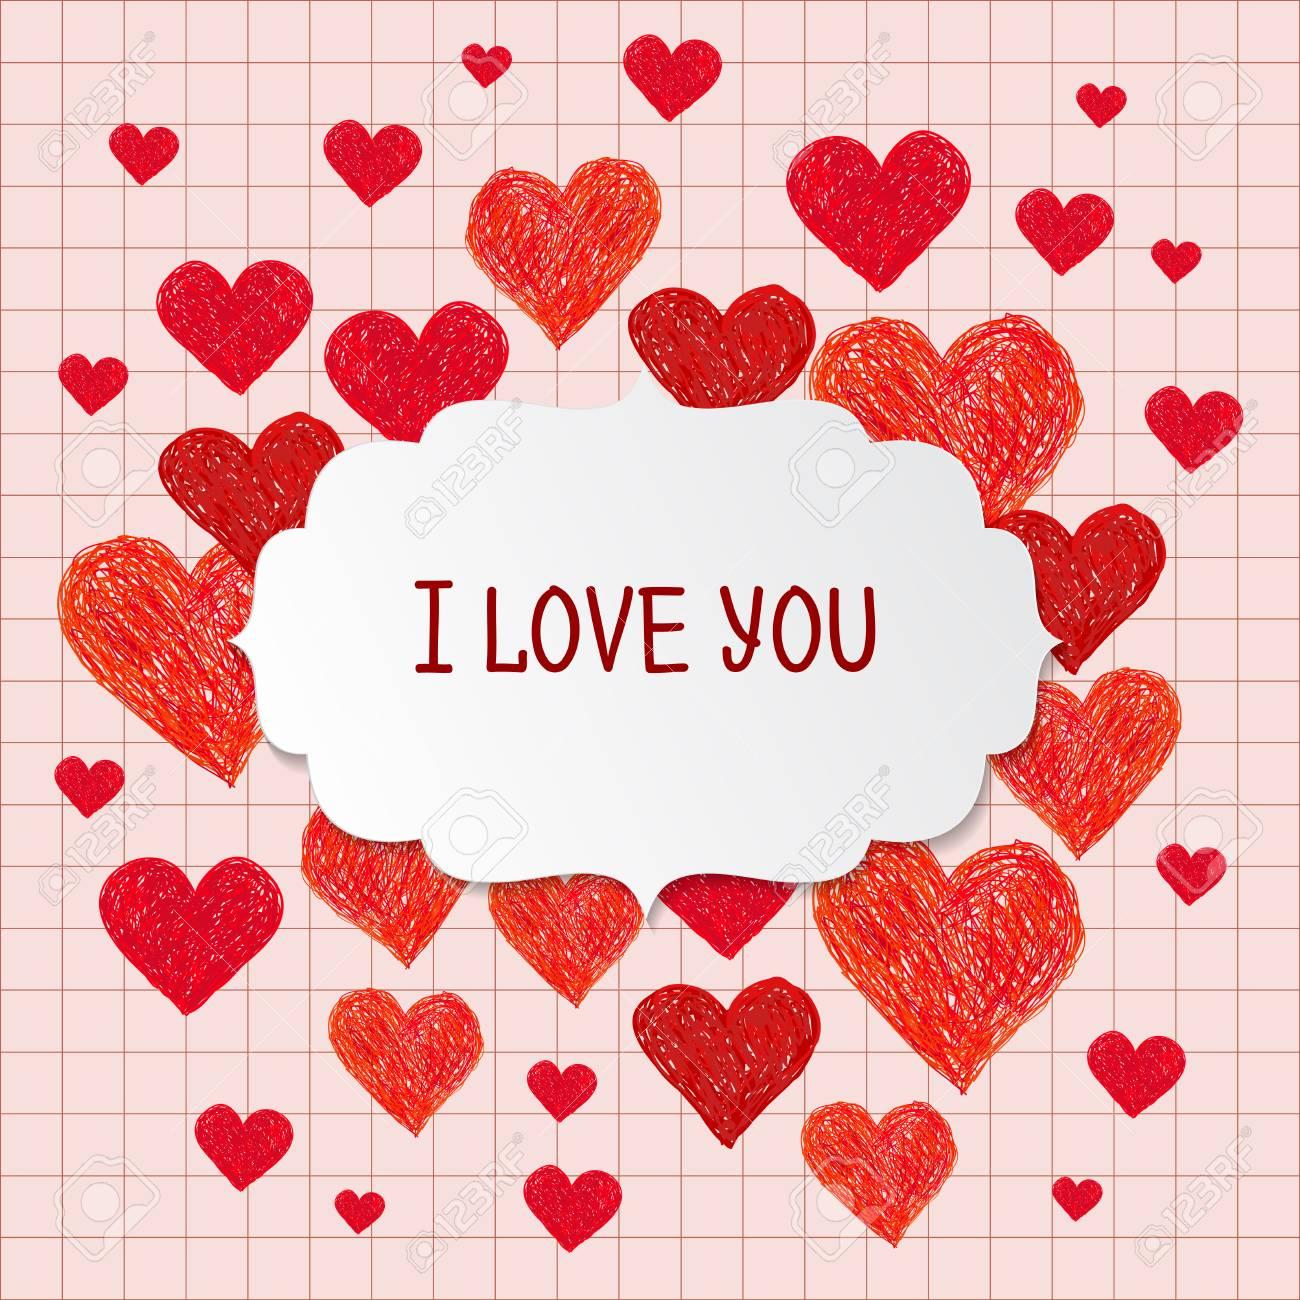 Rahmen Aus Handgezeichneten Roten Herzen Und Platz Für Ihren Text ...